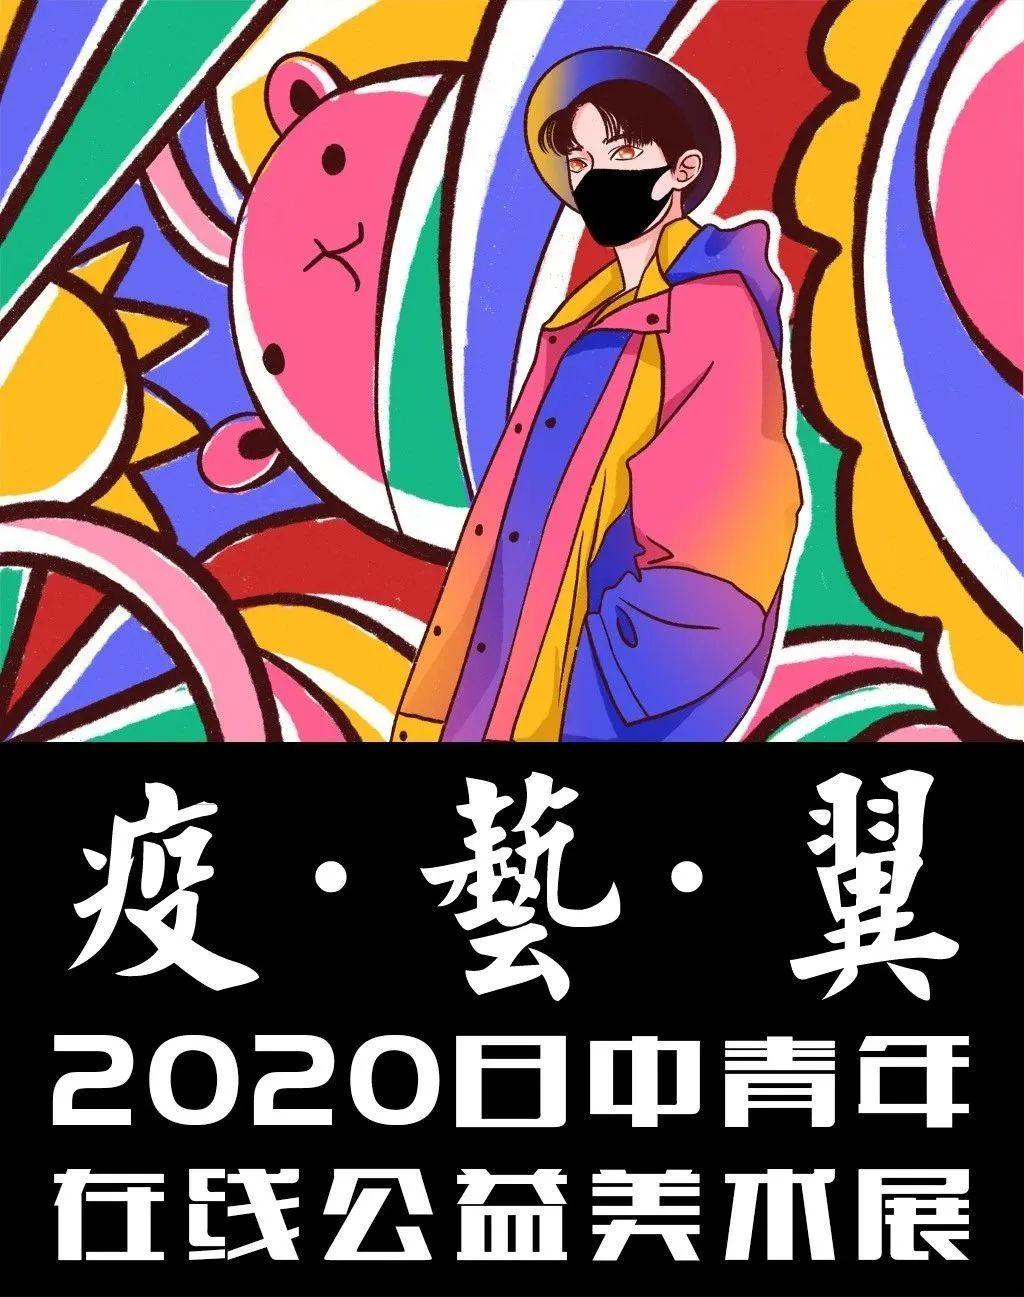 千代田新闻|倒计时最后一天!疫·艺·翼 2020日中青年在线公益美术展 在线投票火热进行中!!!